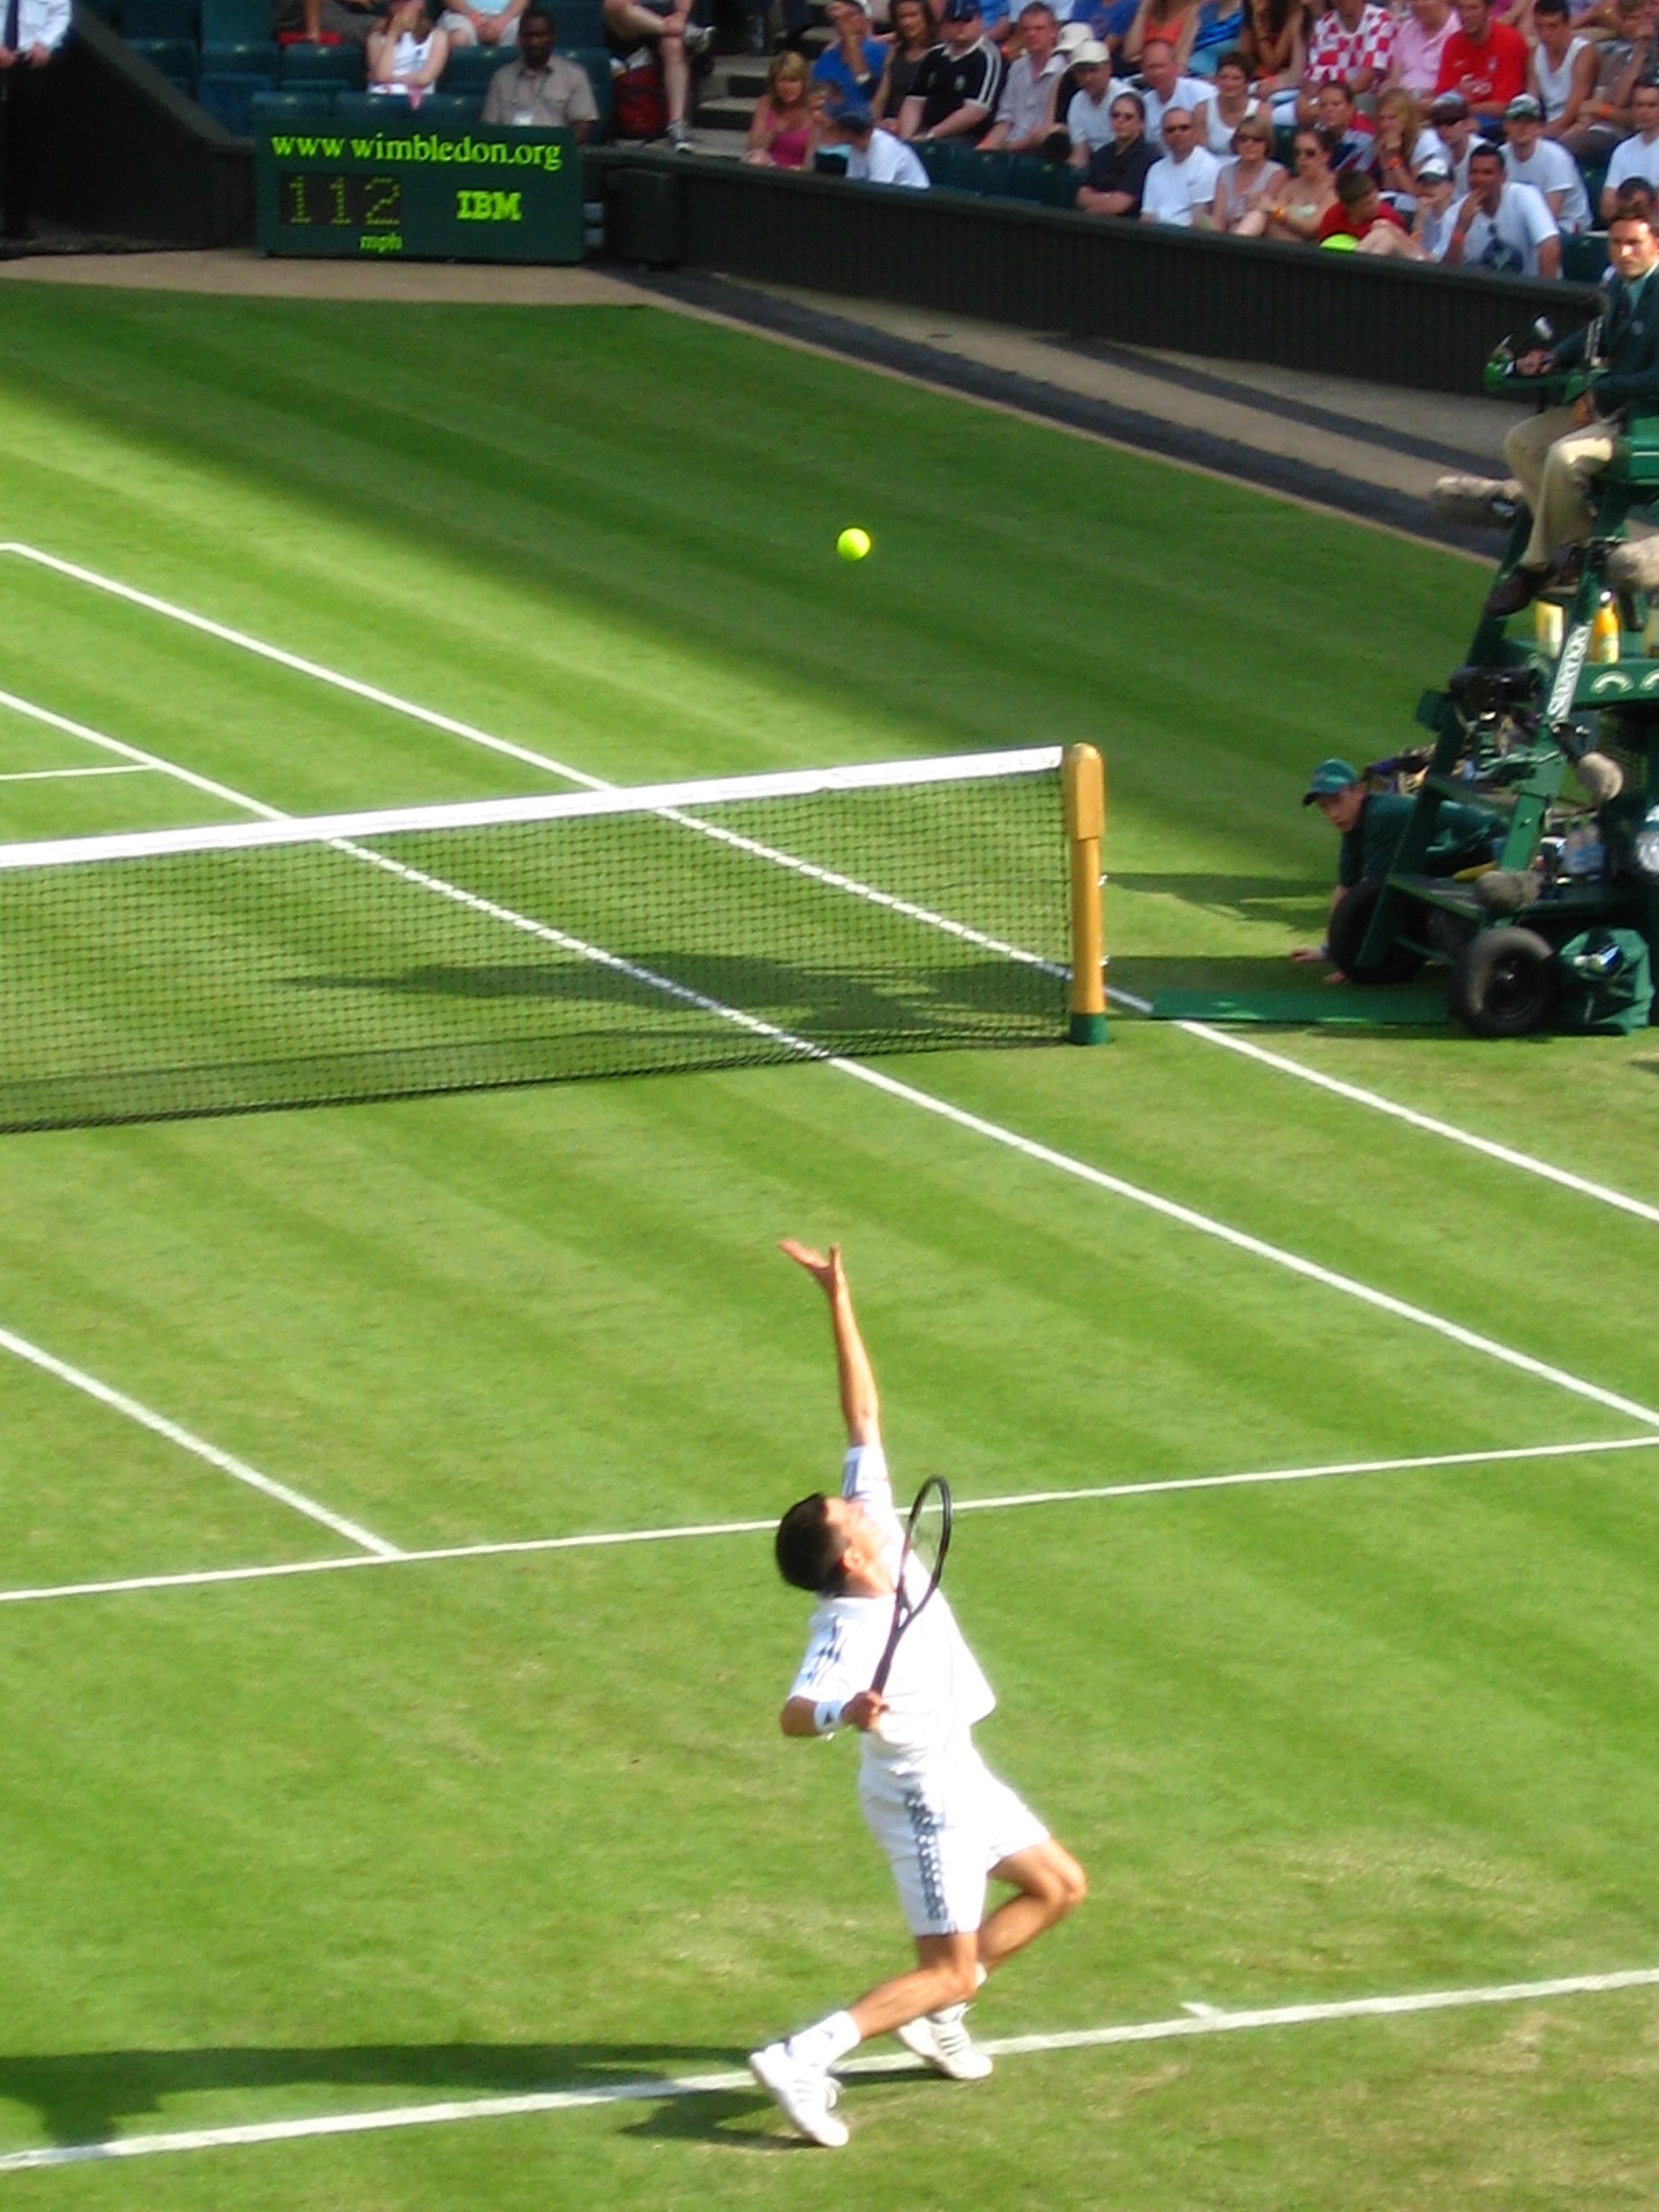 tennis wimbeldon